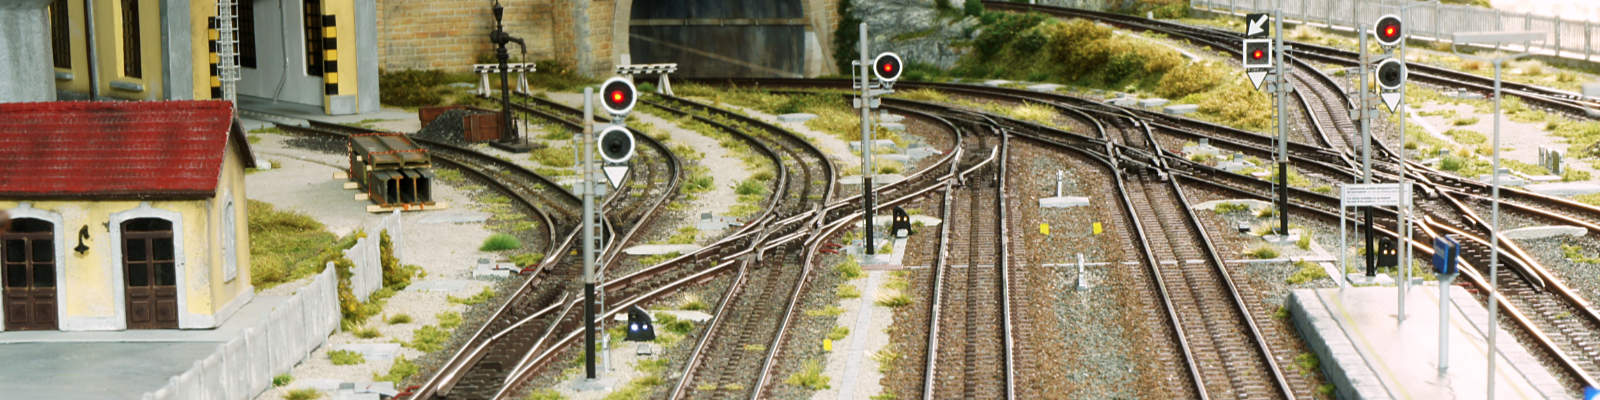 Foto Nuovo Plastico ferroviario Buzzaceto